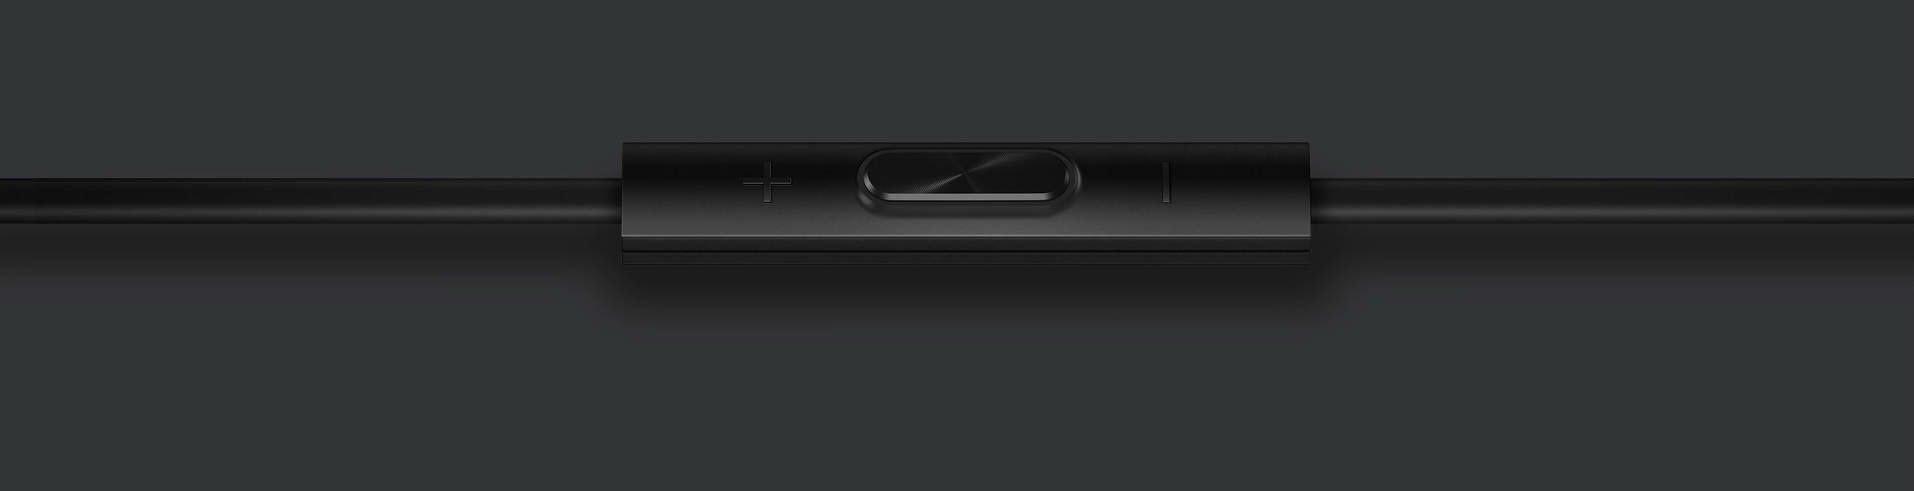 Oneplus Bullets V2 Headphone (4)